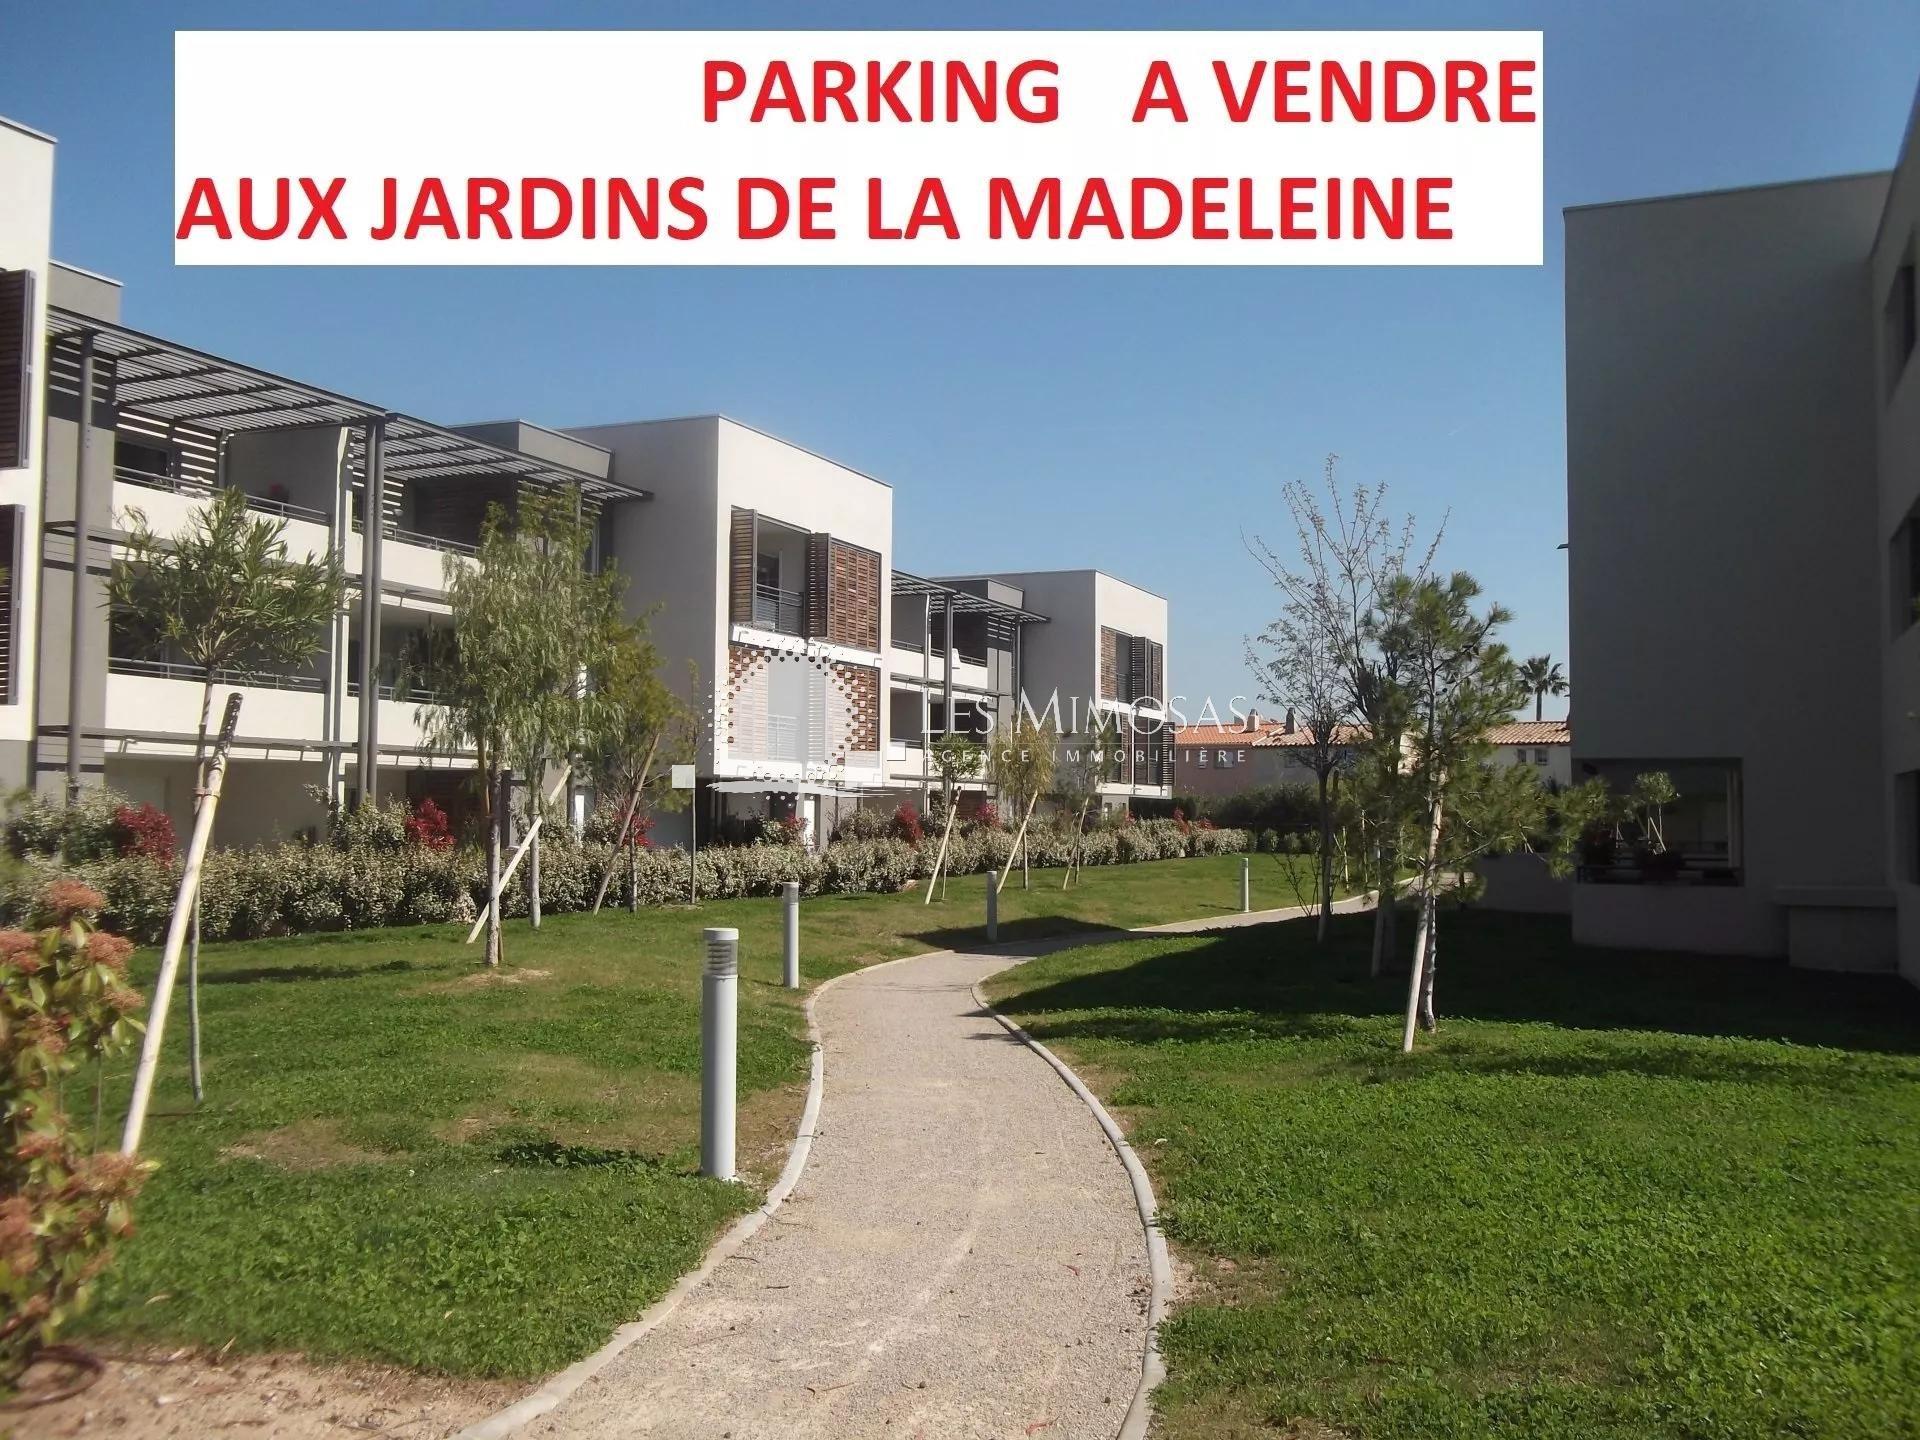 FRÉJUS, 1 parking extérieur à vendre